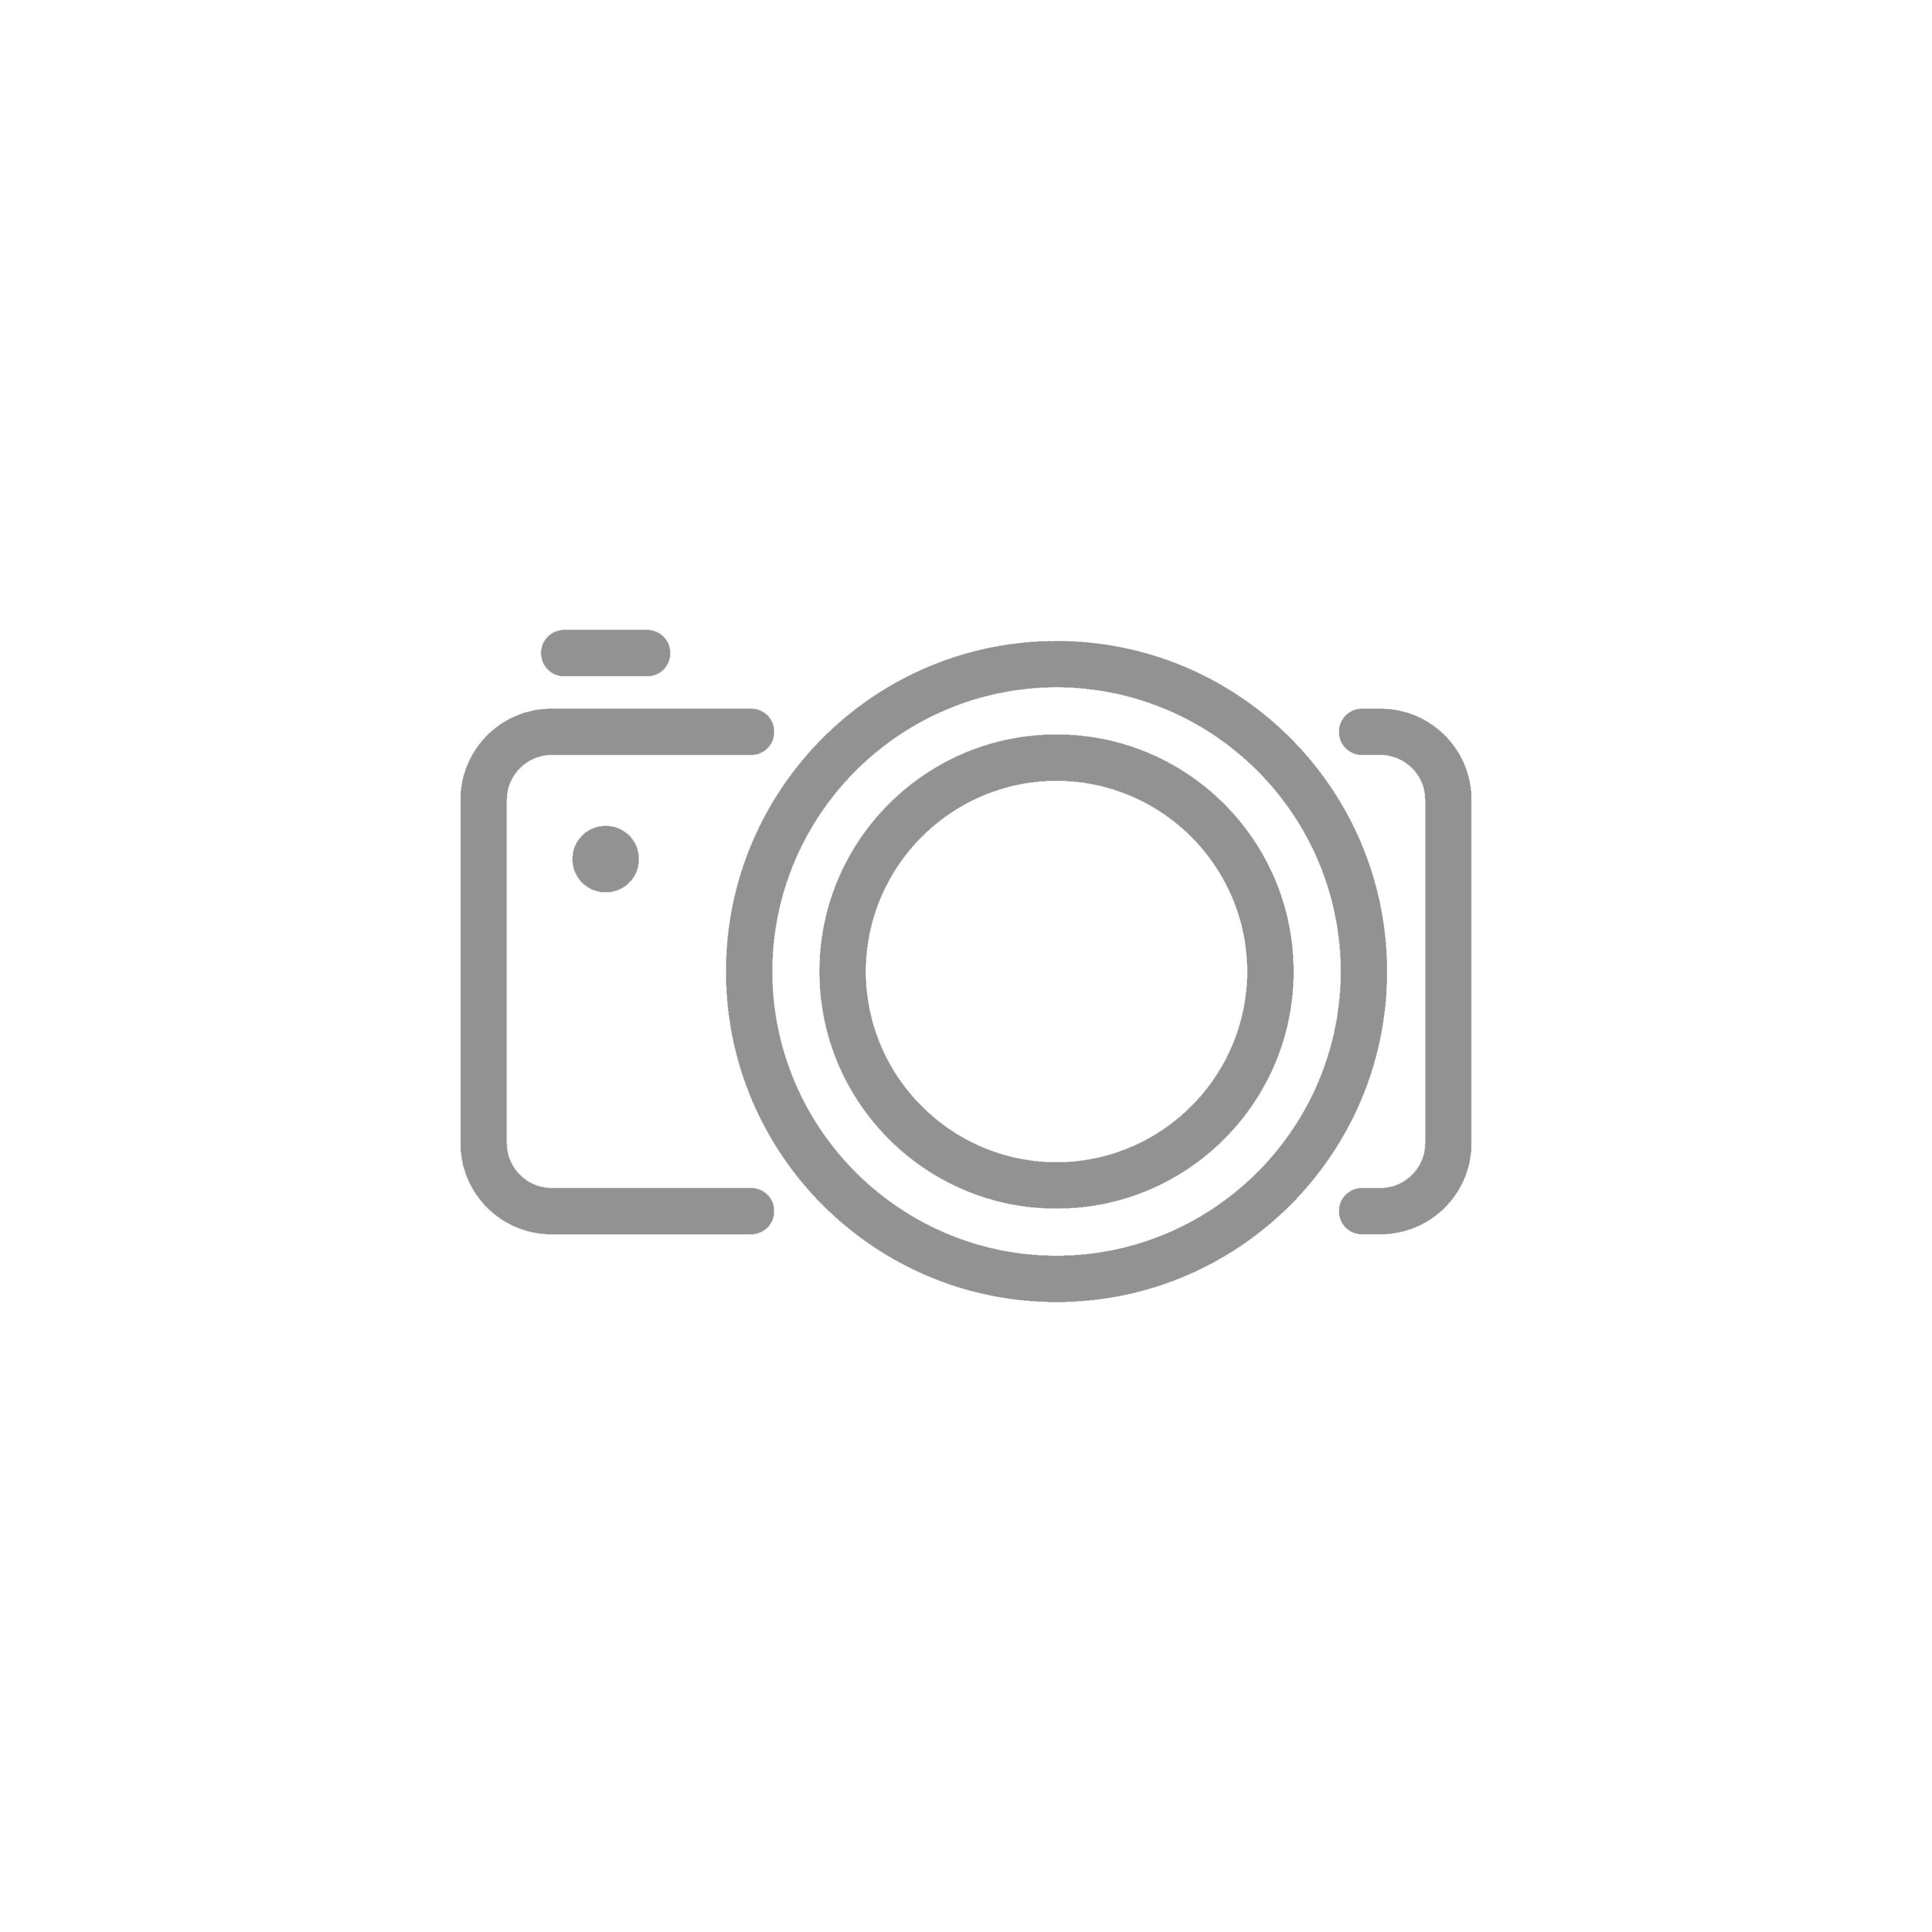 Tough-JAK Carbon Fiber Armor Samsung Galaxy S21 FE Case - Black MS000906